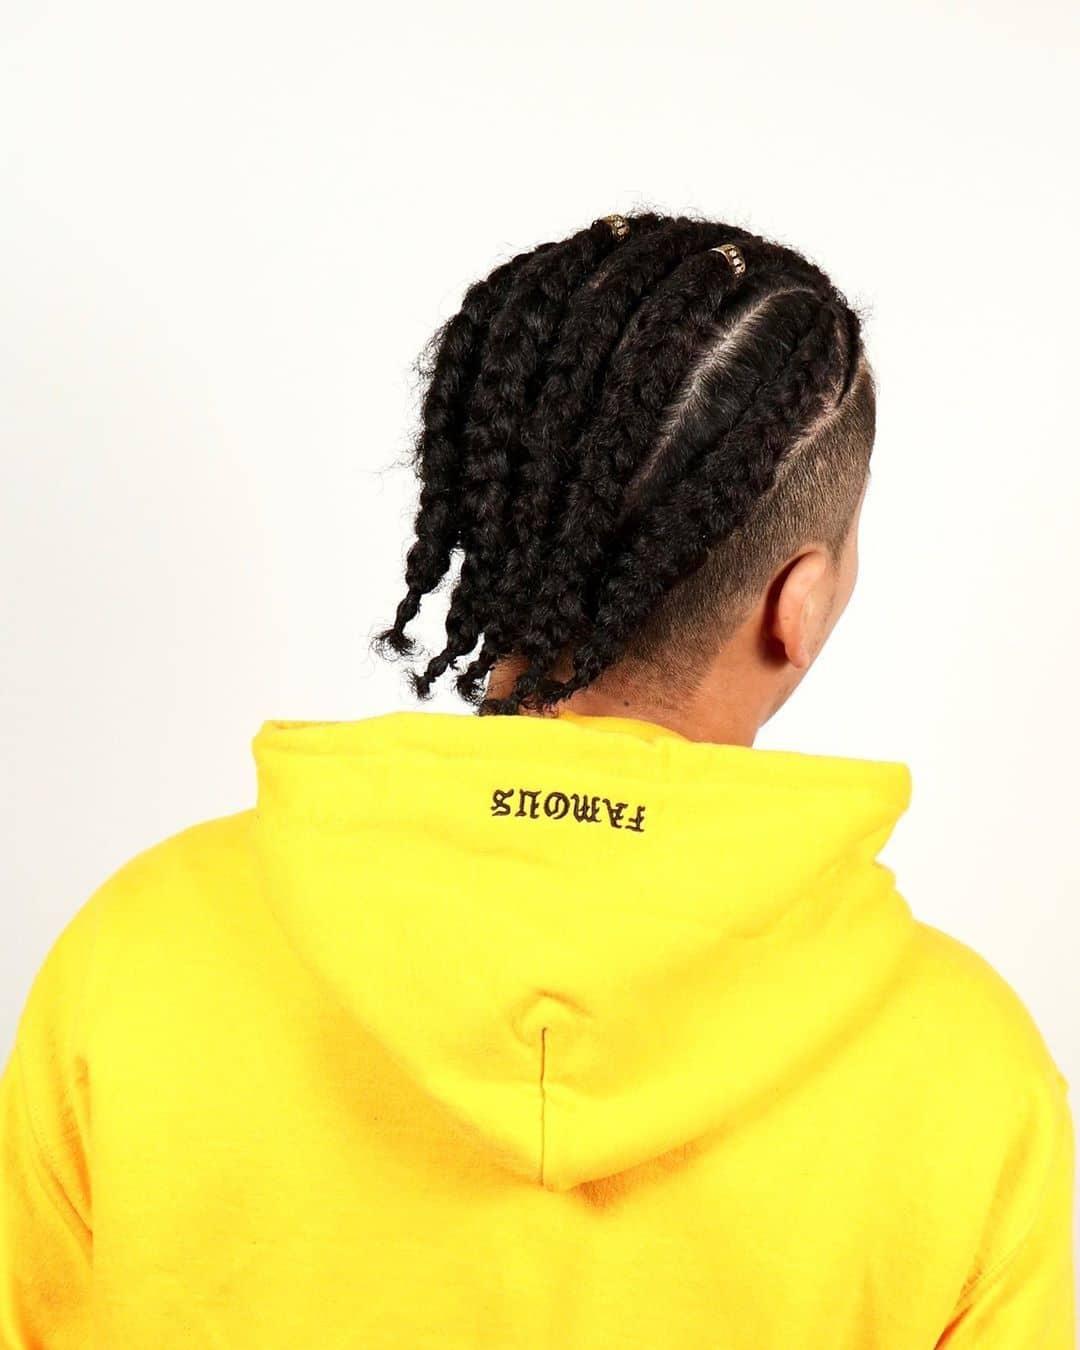 modne fryzury męskie młodzieżowe yt